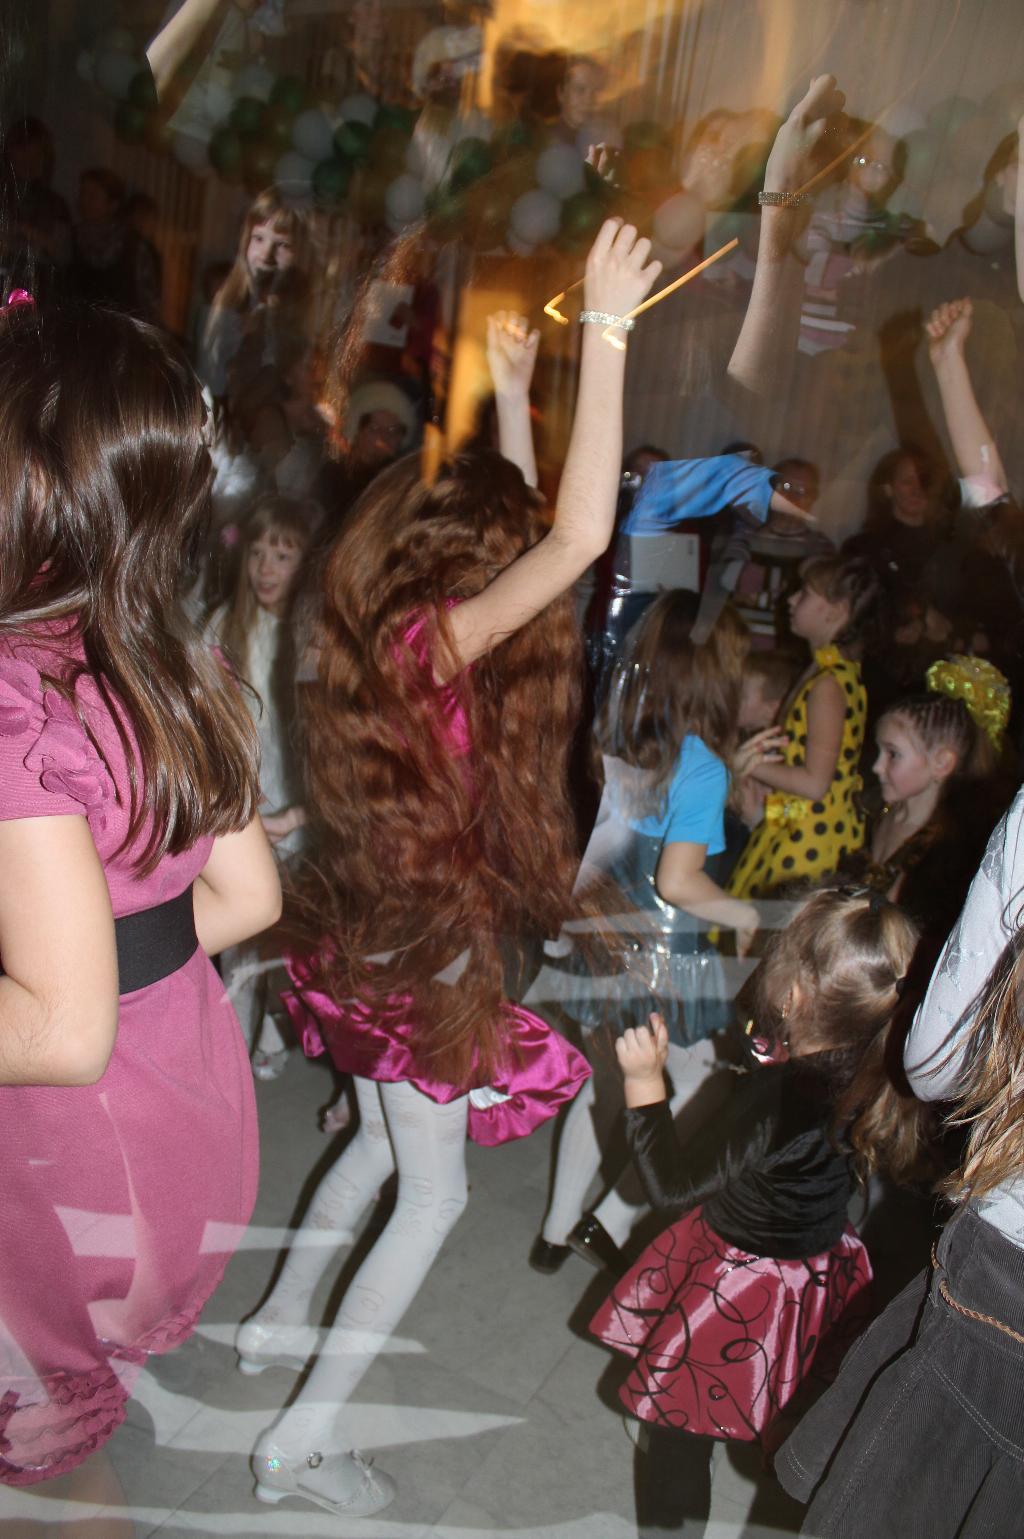 танцы до упада после своих выступлений. Танцуй, пока молодой!